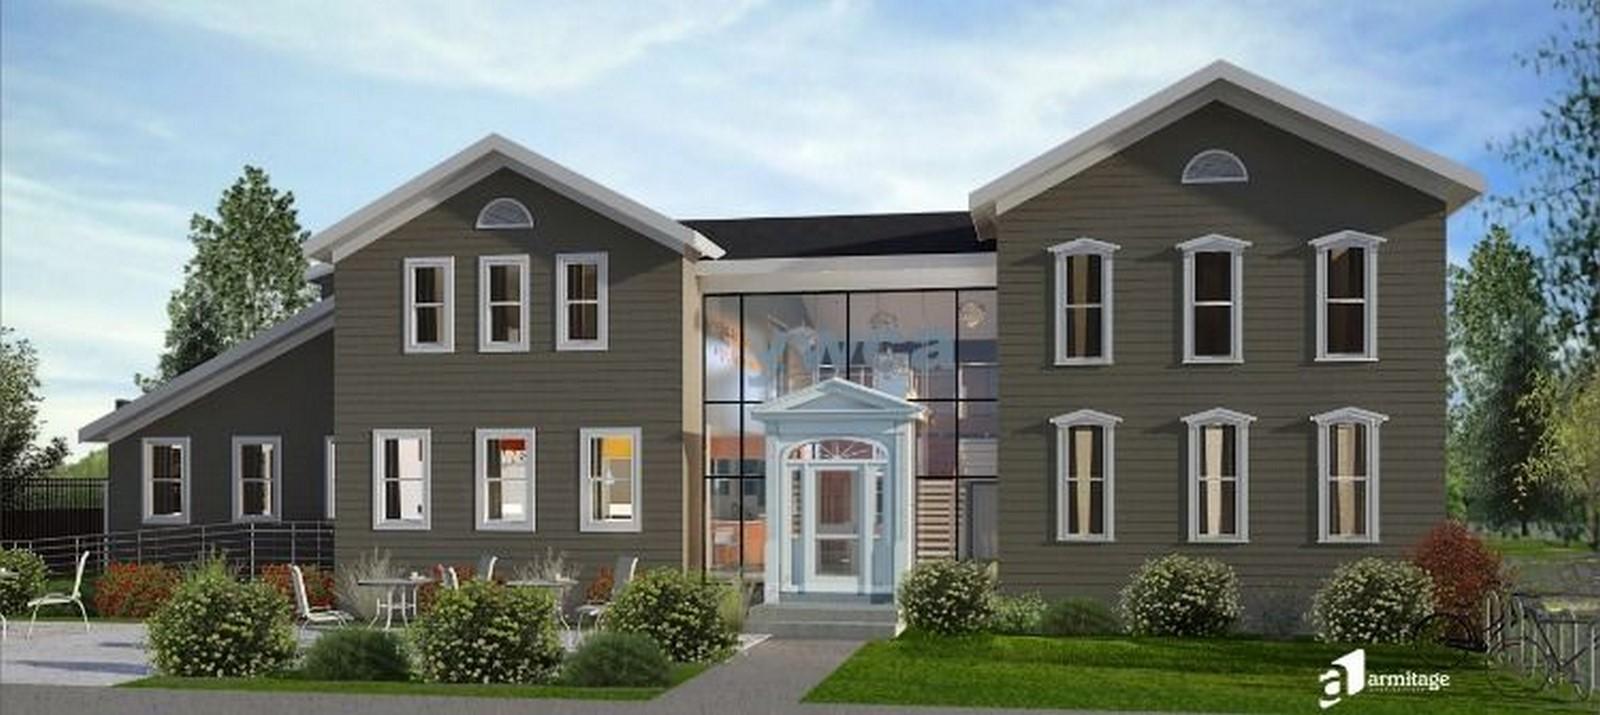 Architects in Buffalo - Top 45 Architects in Buffalo - Sheet5